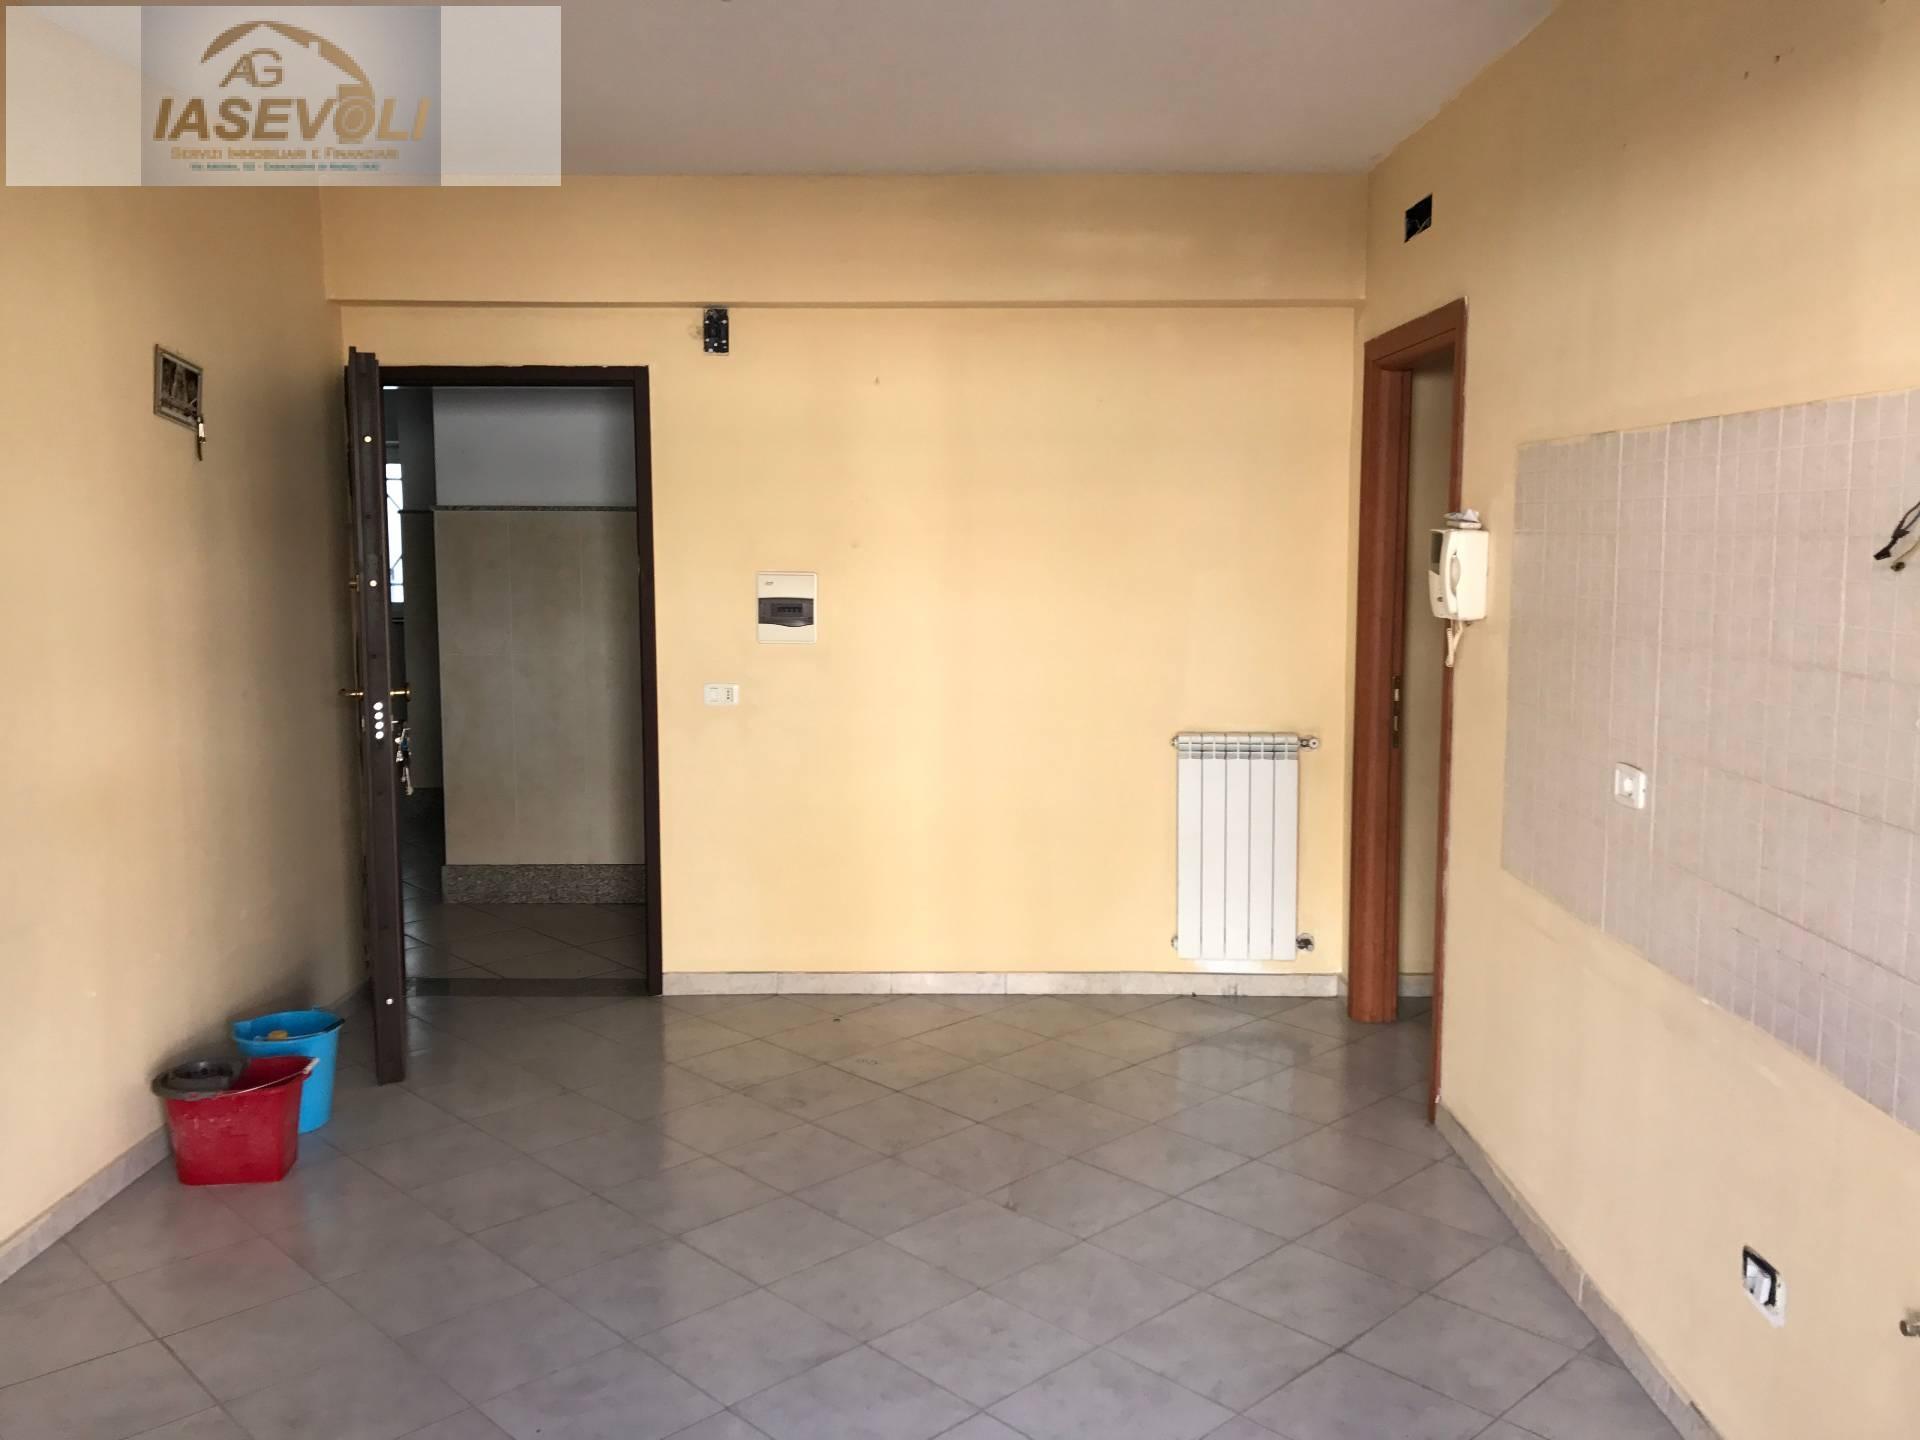 Appartamento in affitto a Casalnuovo di Napoli, 3 locali, prezzo € 450 | Cambio Casa.it